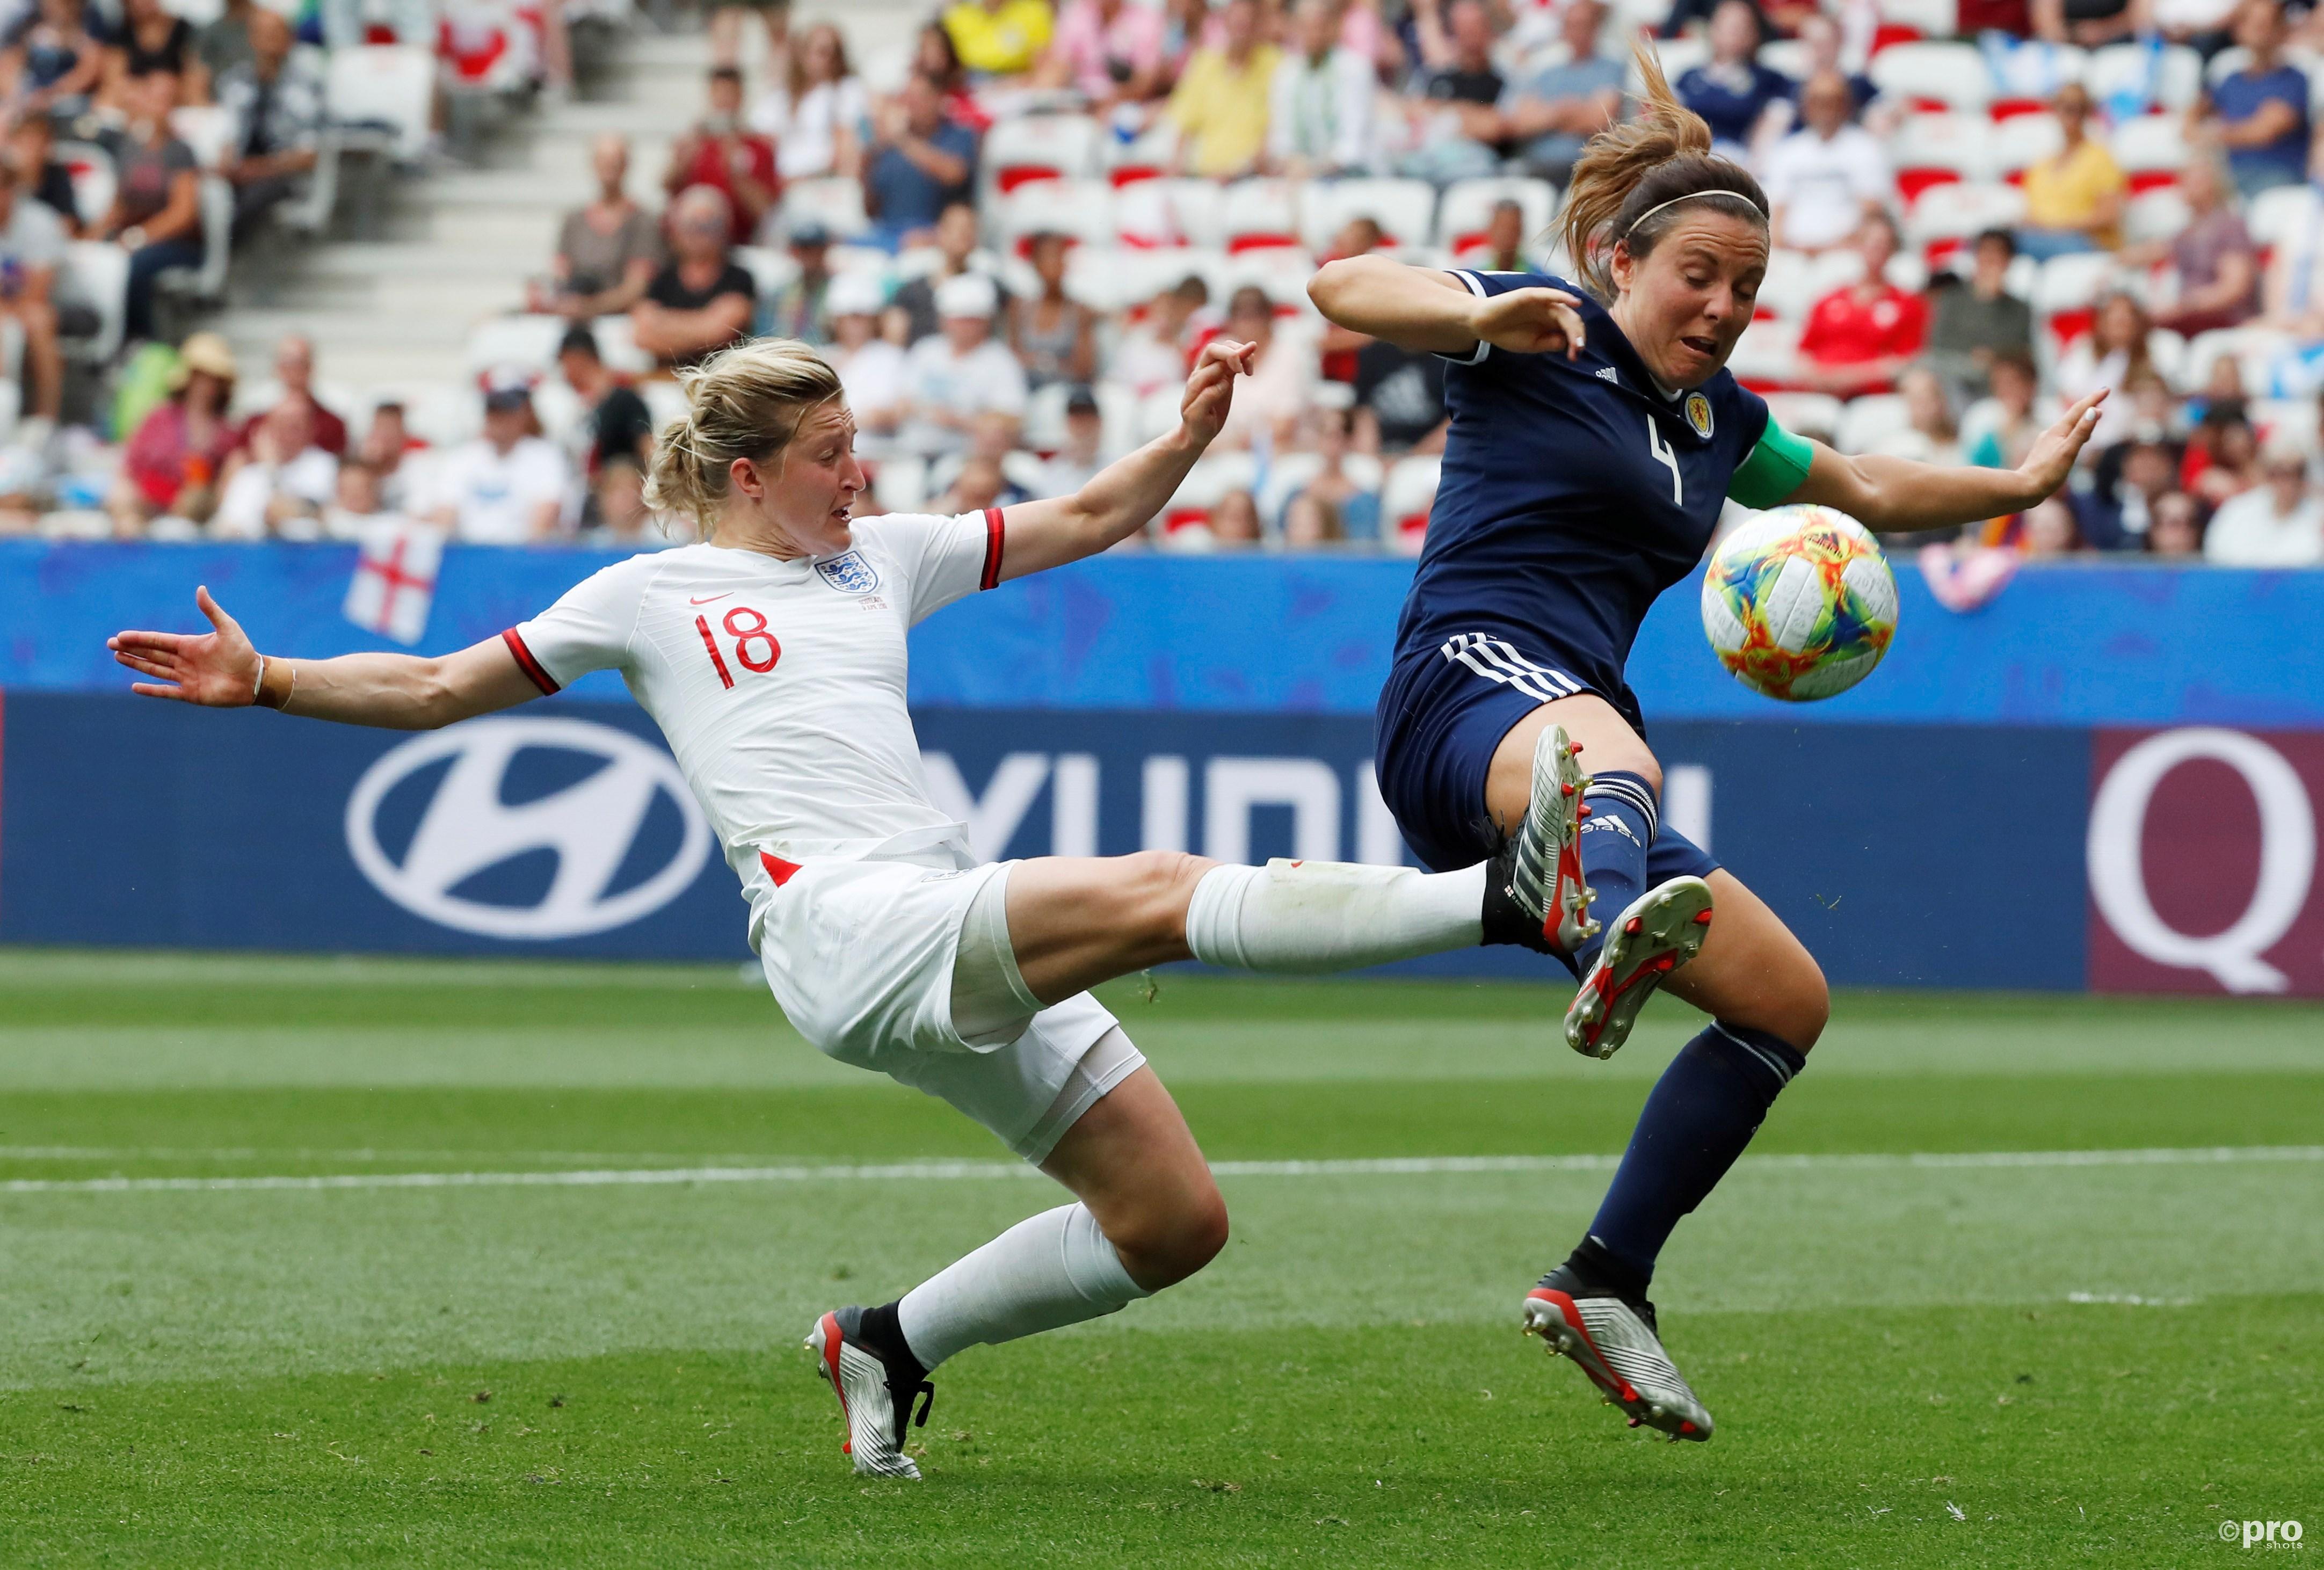 Ellen White (Engeland) in duel met de Schotse Rachel Corsie. (PRO SHOTS/Action Images)